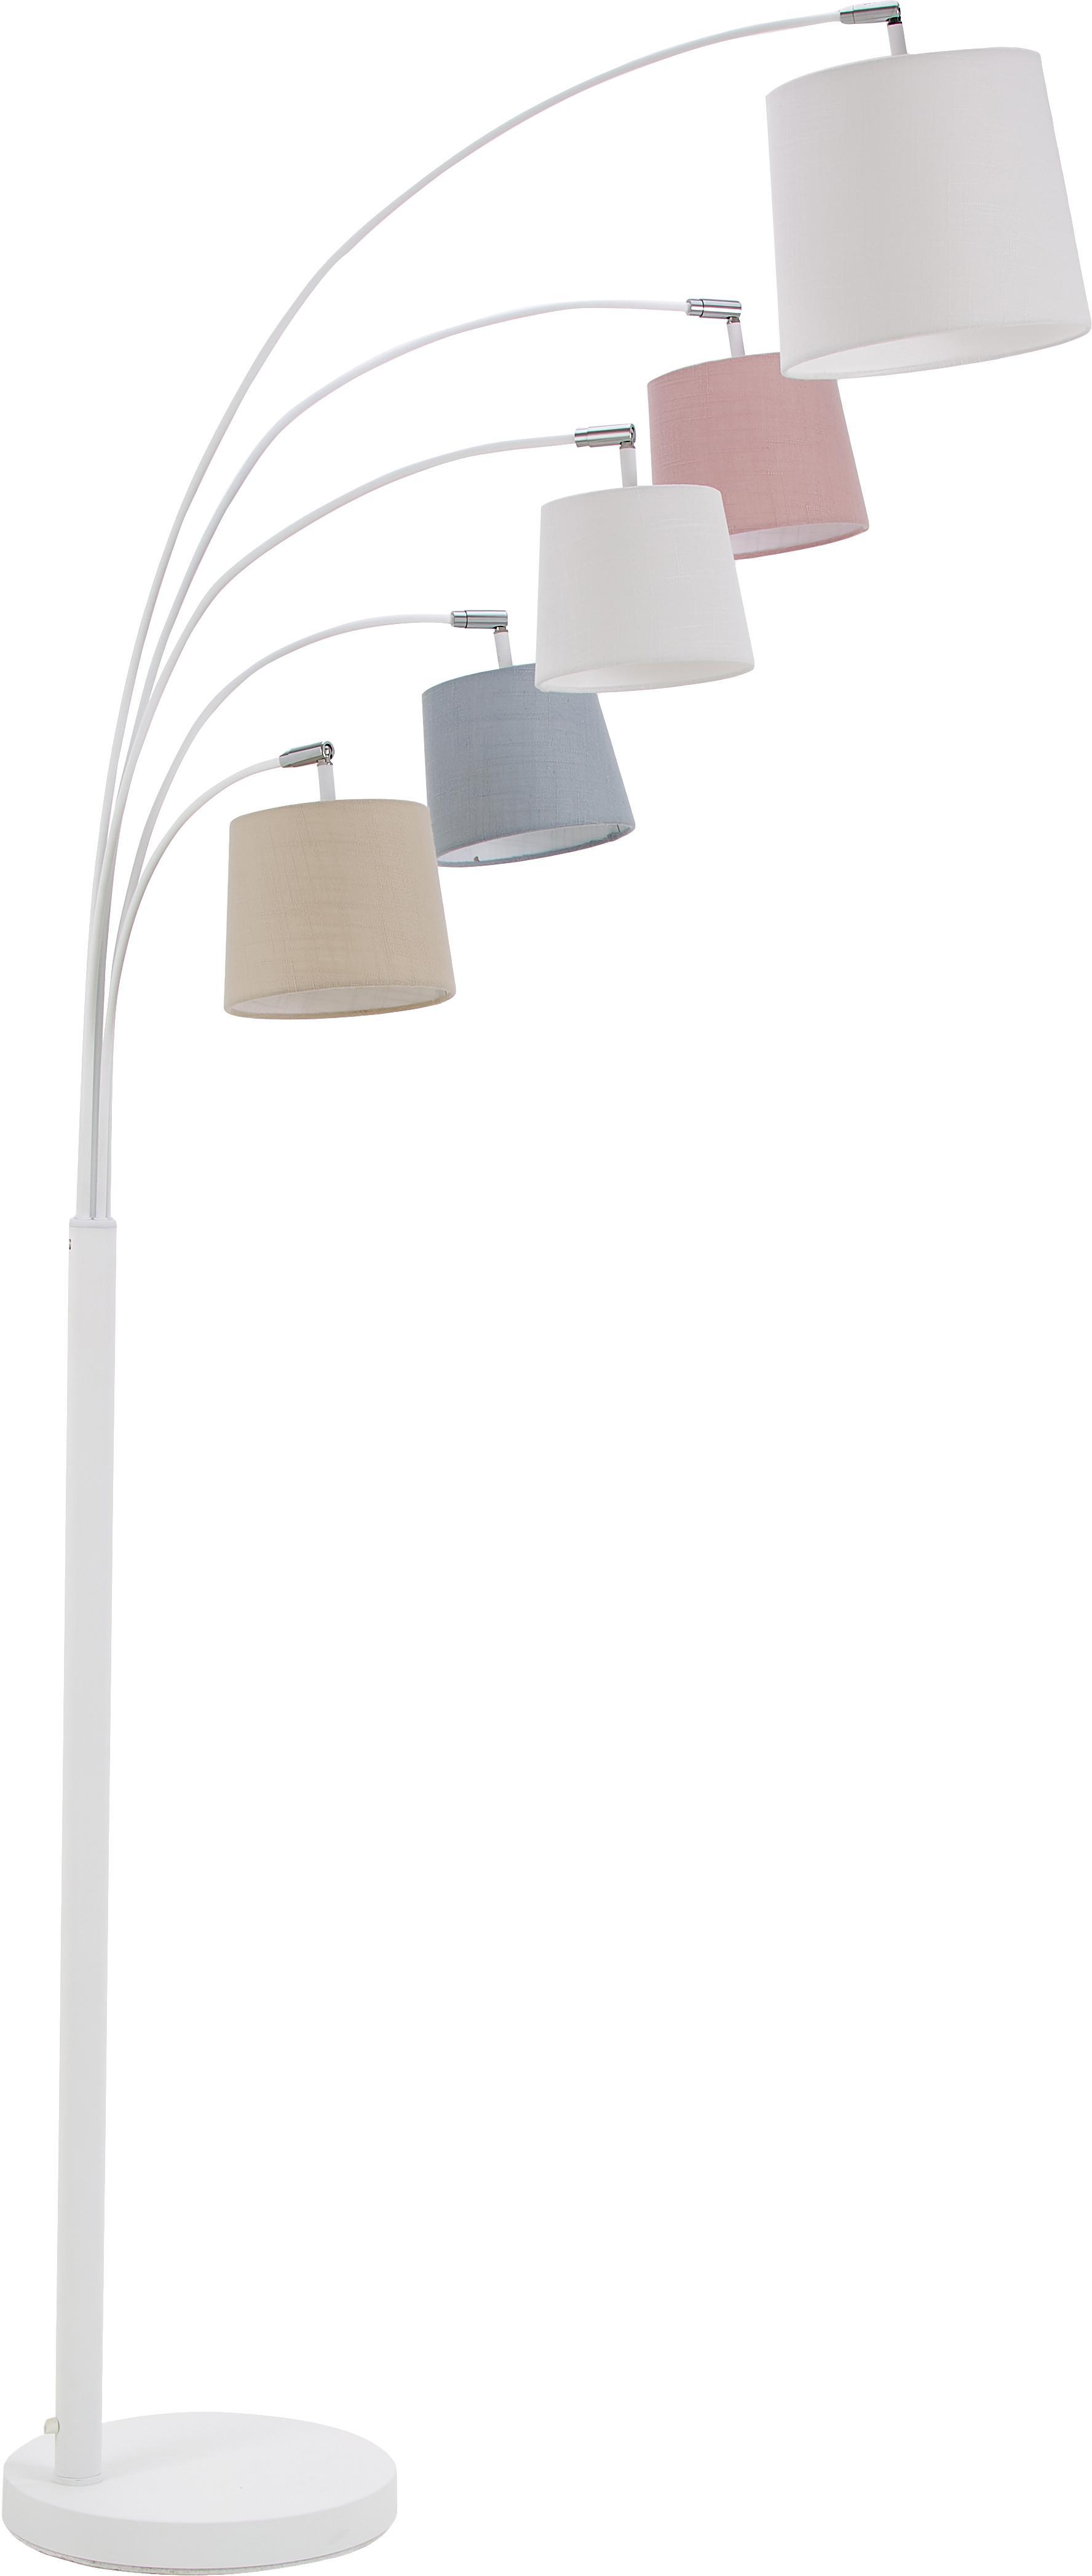 Lampa podłogowa Foggy, Mosiądz lakierowany, tekstylne klosze, Biały, szary, różowy, S 80 x W 200 cm